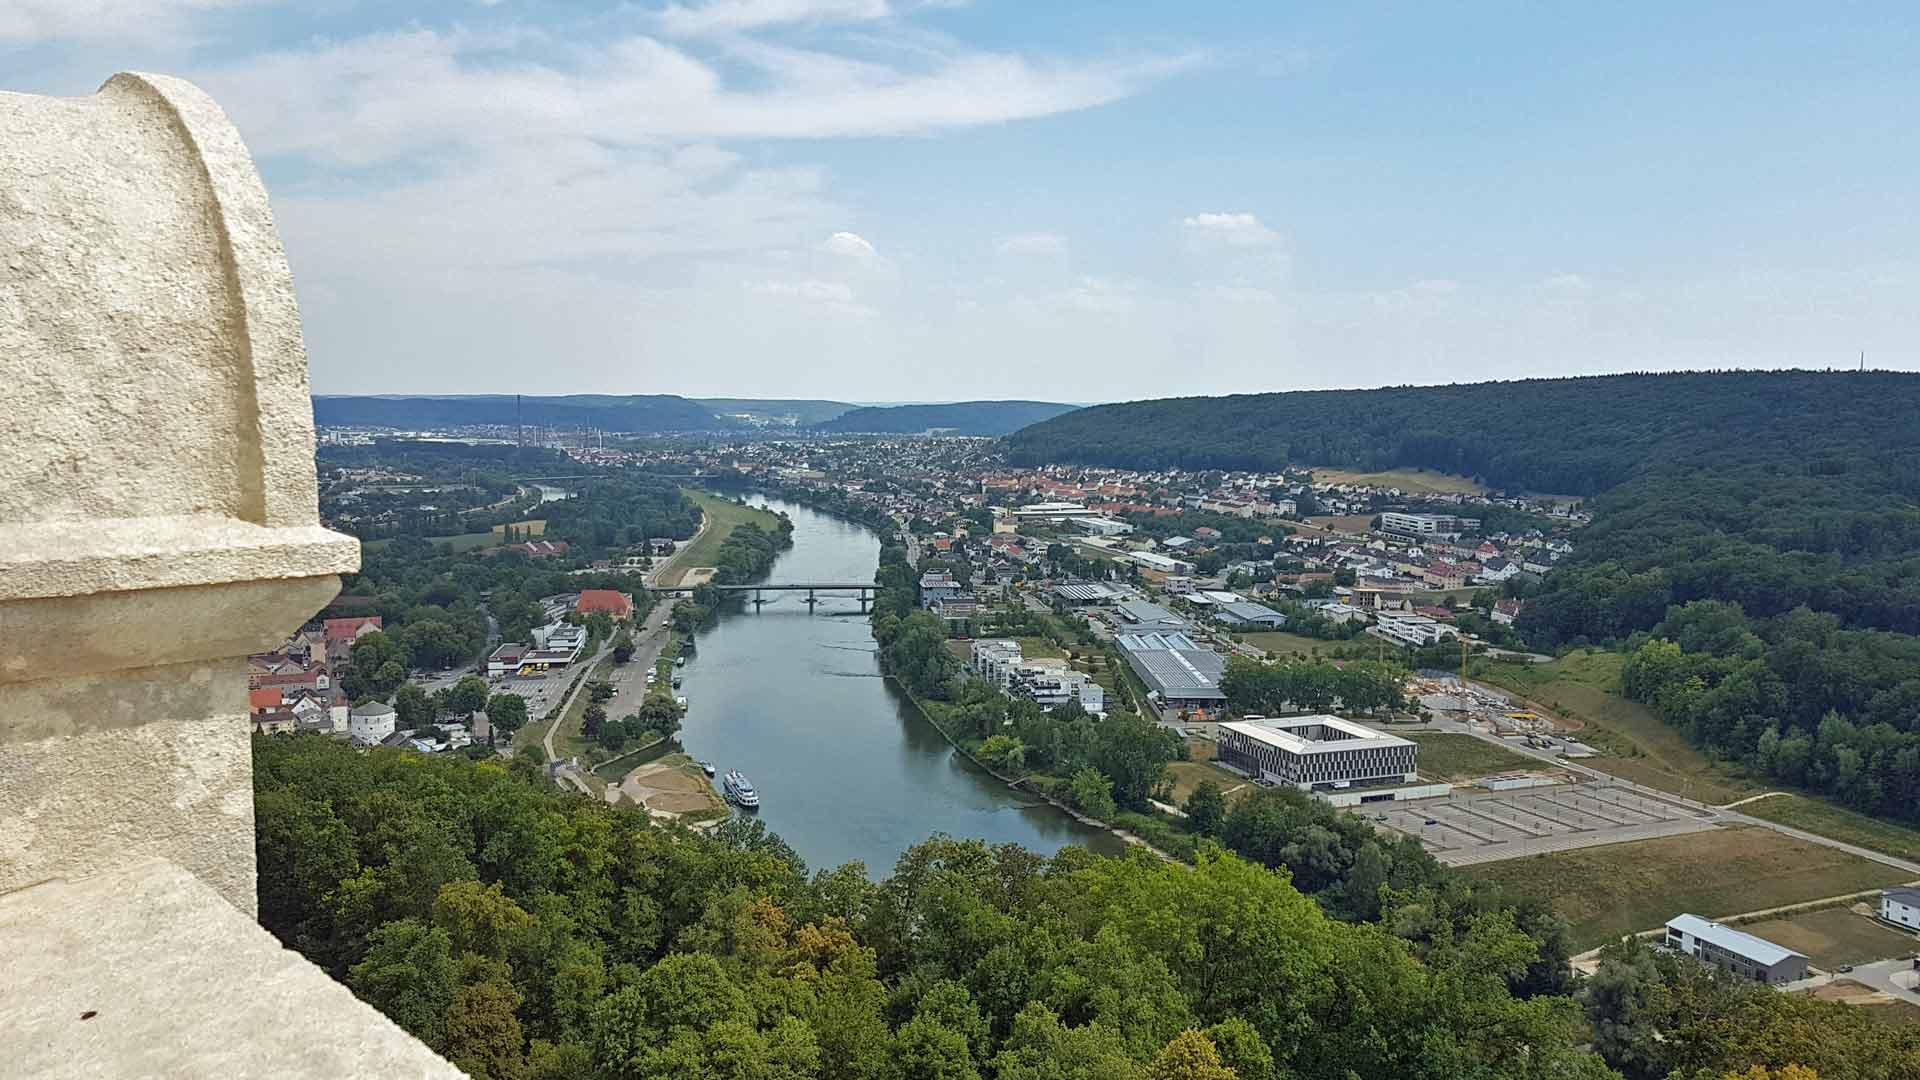 Uitzicht over de Donau vanaf de Befreuungshalle in Kelheim. © fietsvakantie-duitsland.nl